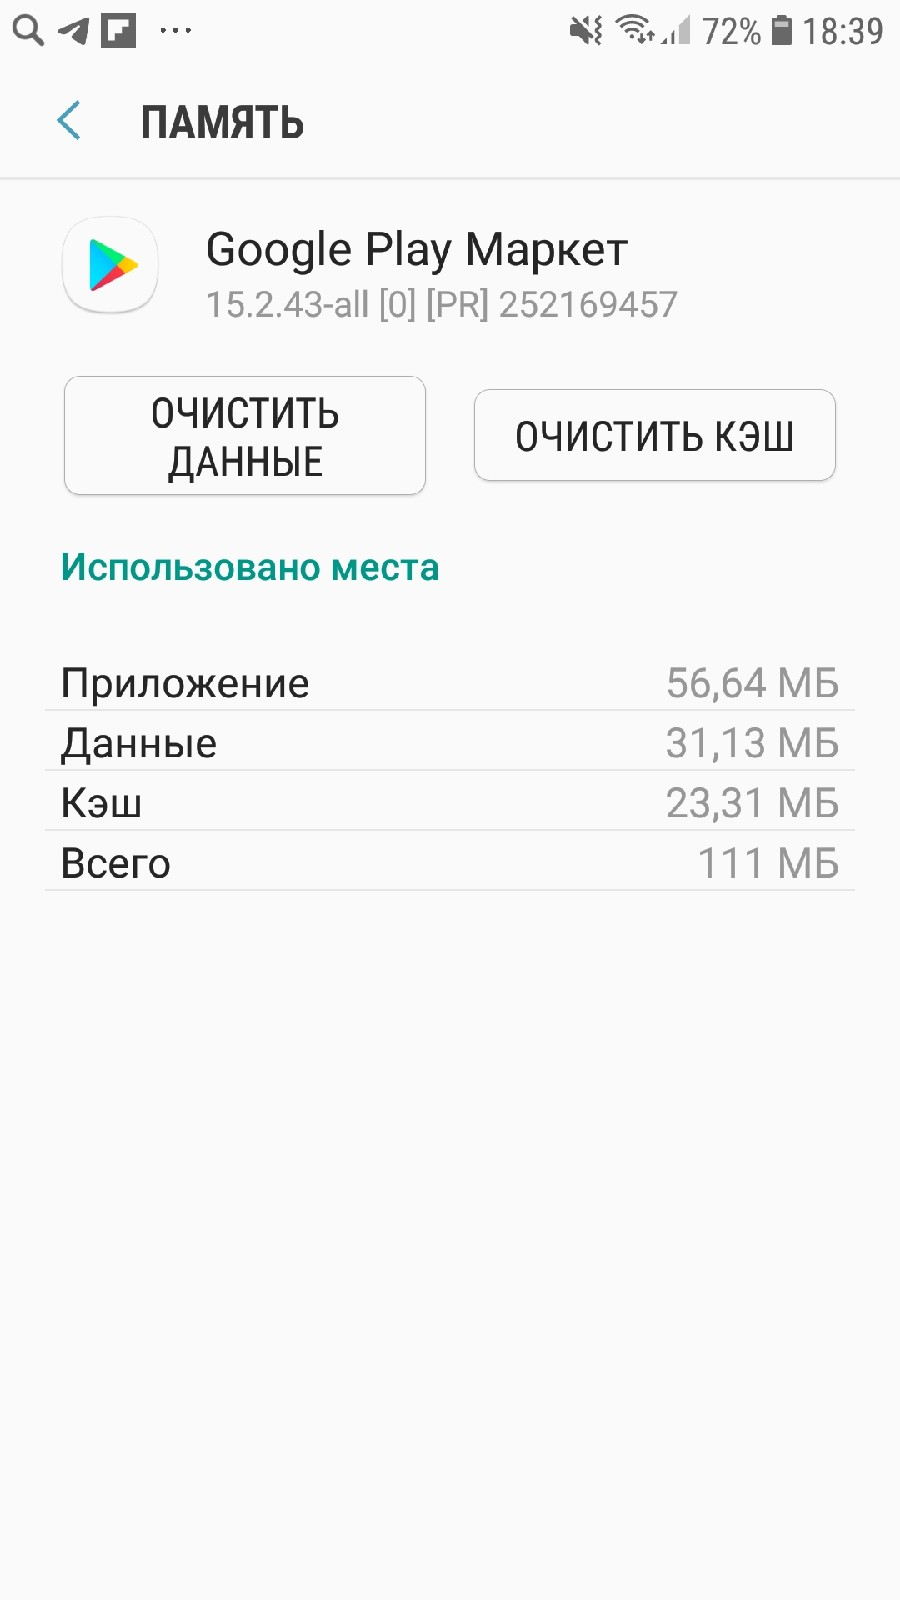 Сервисы-Google-Play-все-время-закрывается-в-Samsung-что-делать-1.jpg